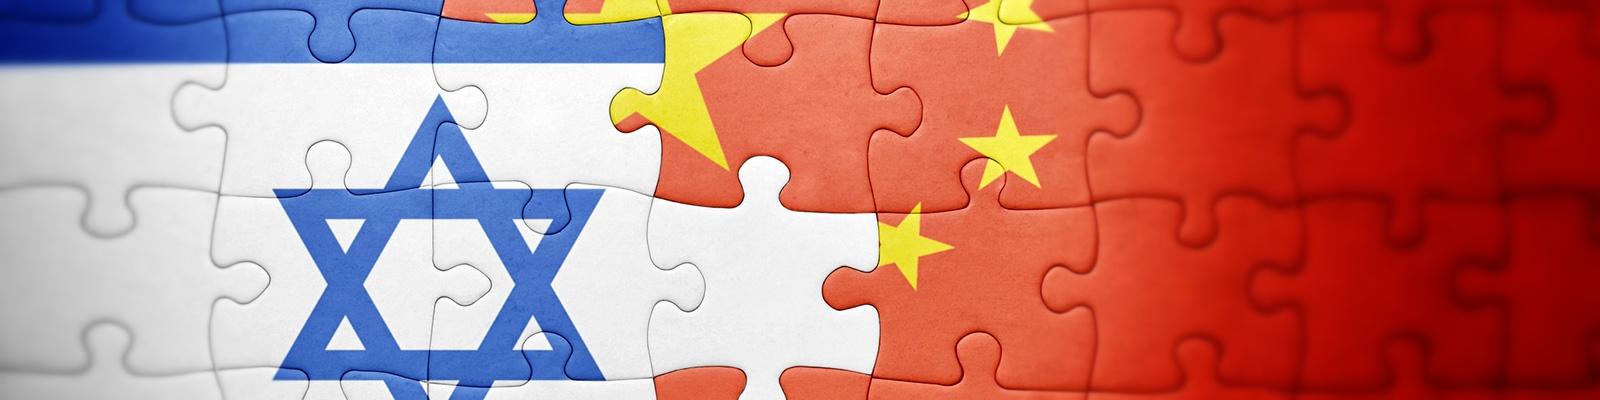 イスラエル 中国 パズル イメージ